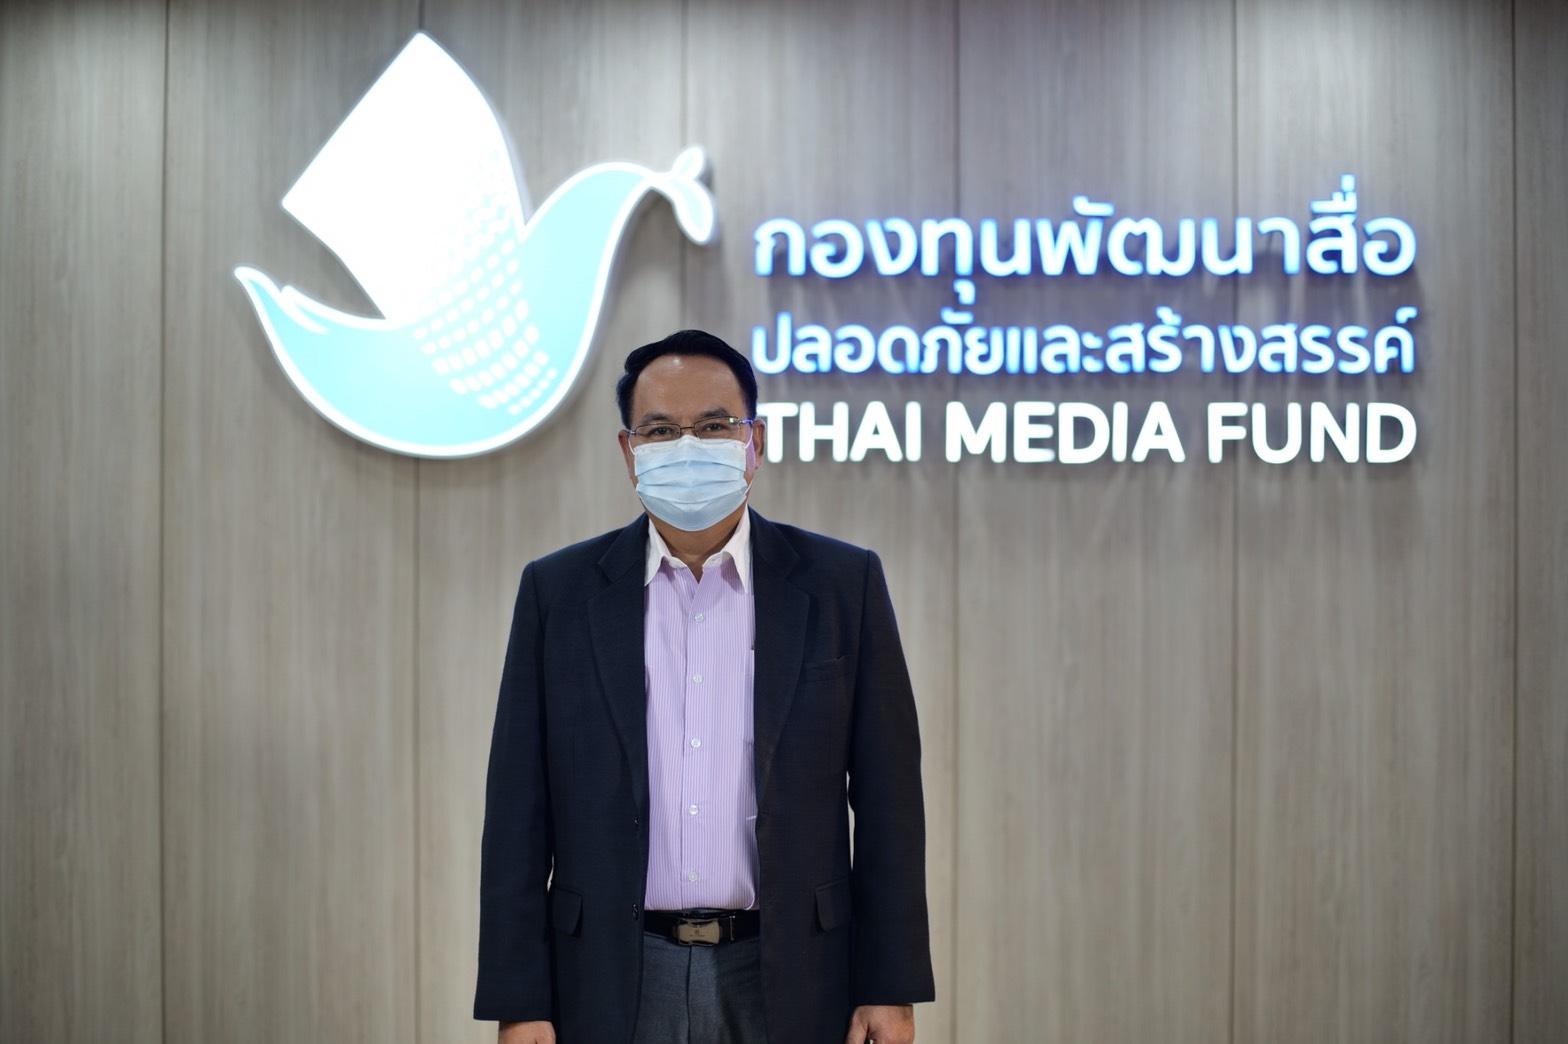 thaimediafund กองทุนพัฒนาสื่อปลอดภัยและสร้างสรรค์v พระร่วงพระราชาผู้ทรงธรรม